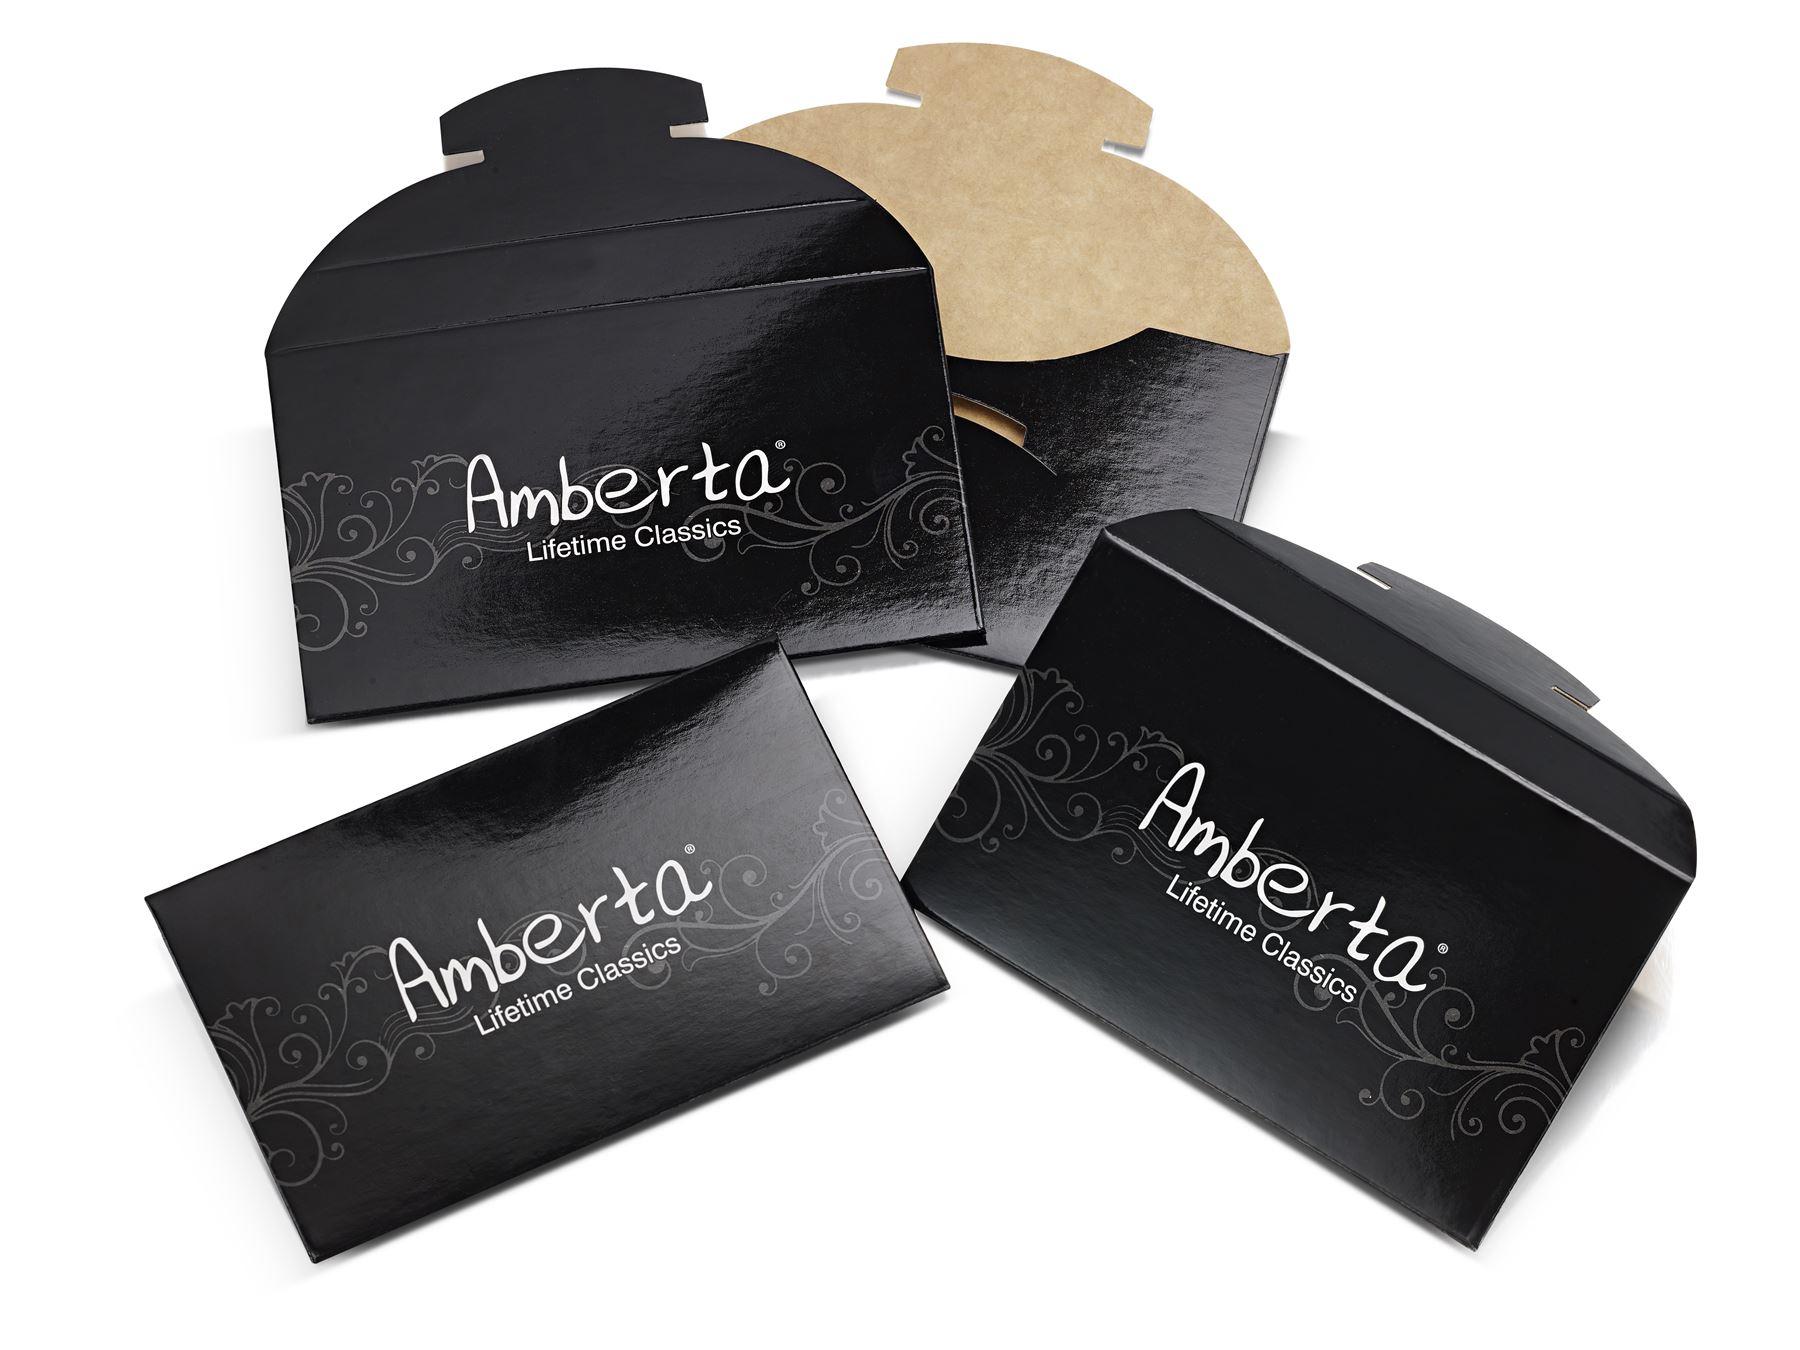 Amberta-Pendientes-para-Mujer-Aros-en-Plata-De-Ley-925-Autentica-Estilo-Clasico miniatura 14